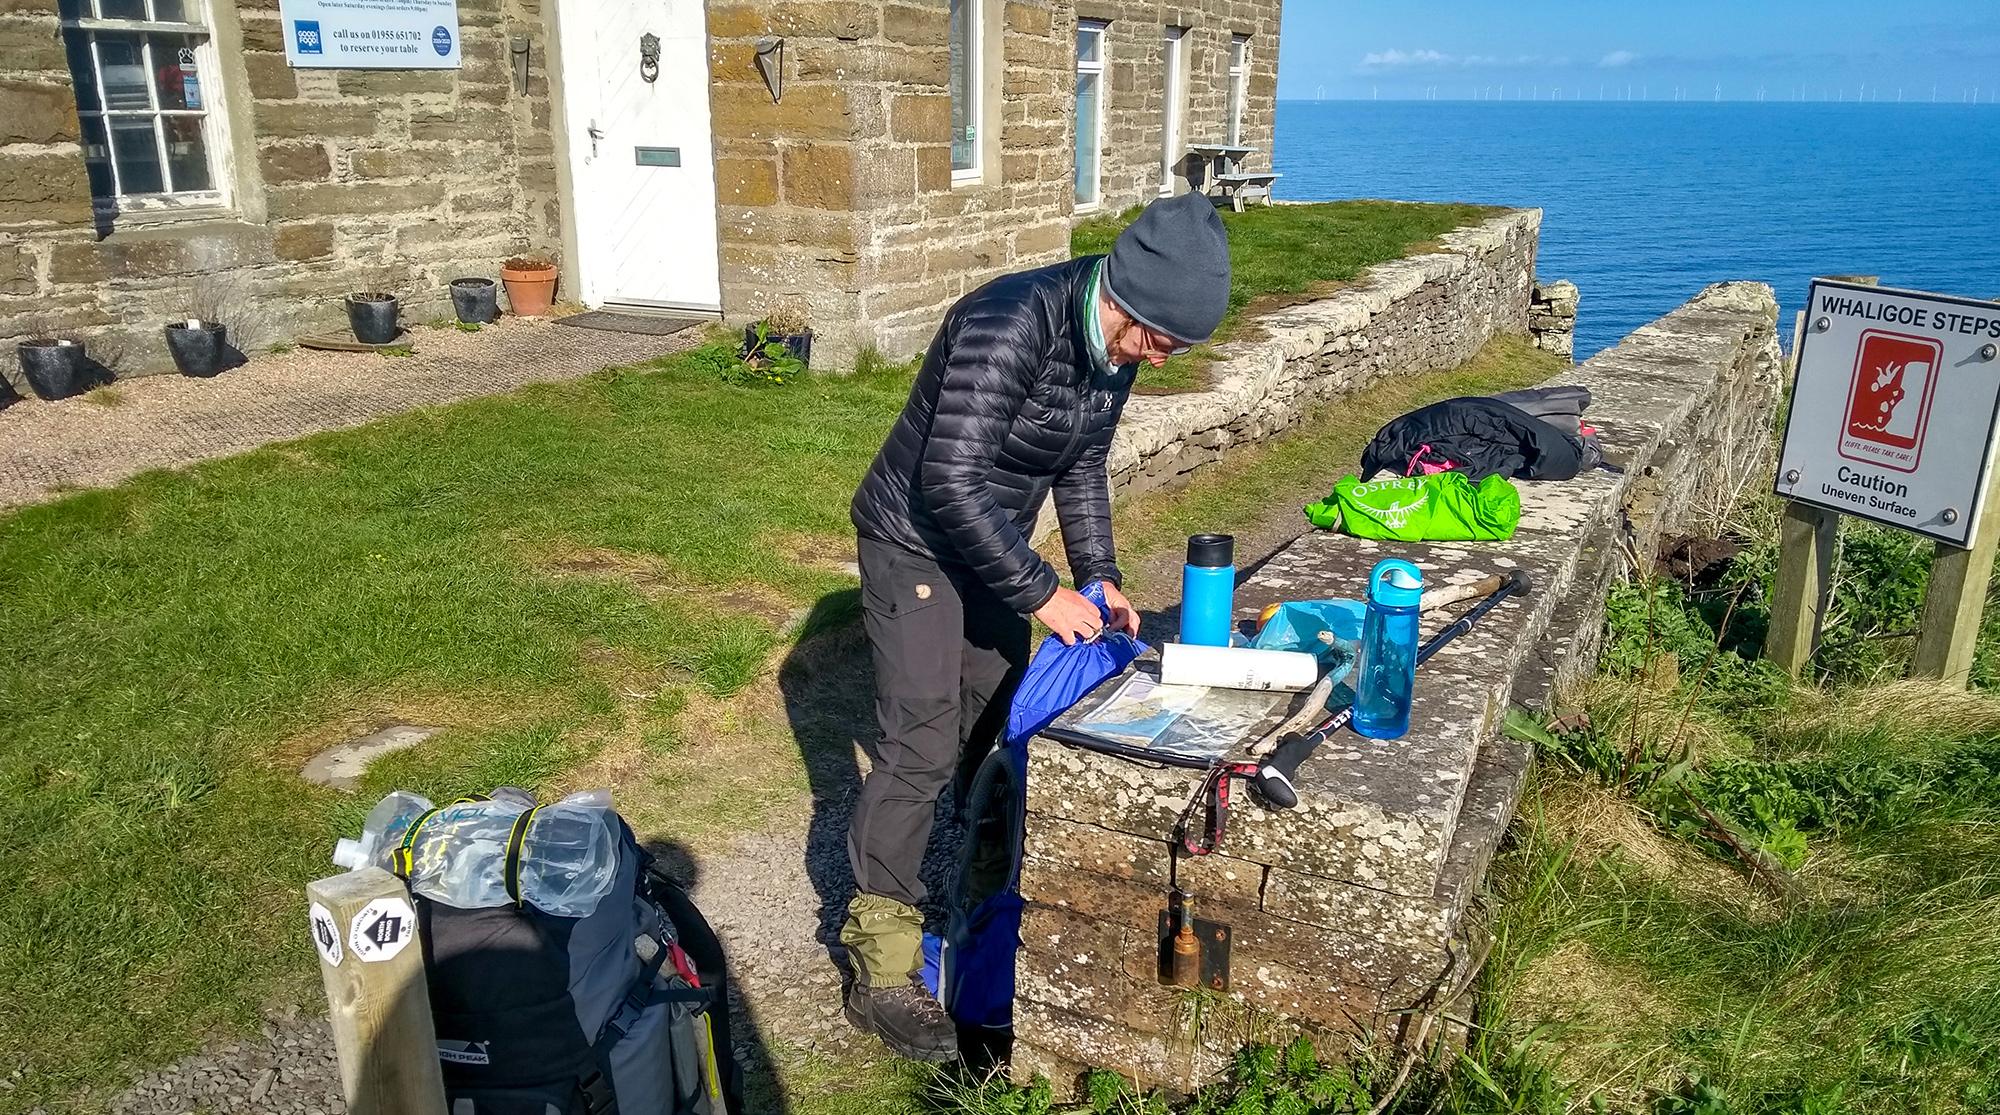 Frau packt Rucksack an MAuer an den Whaligoe Steps